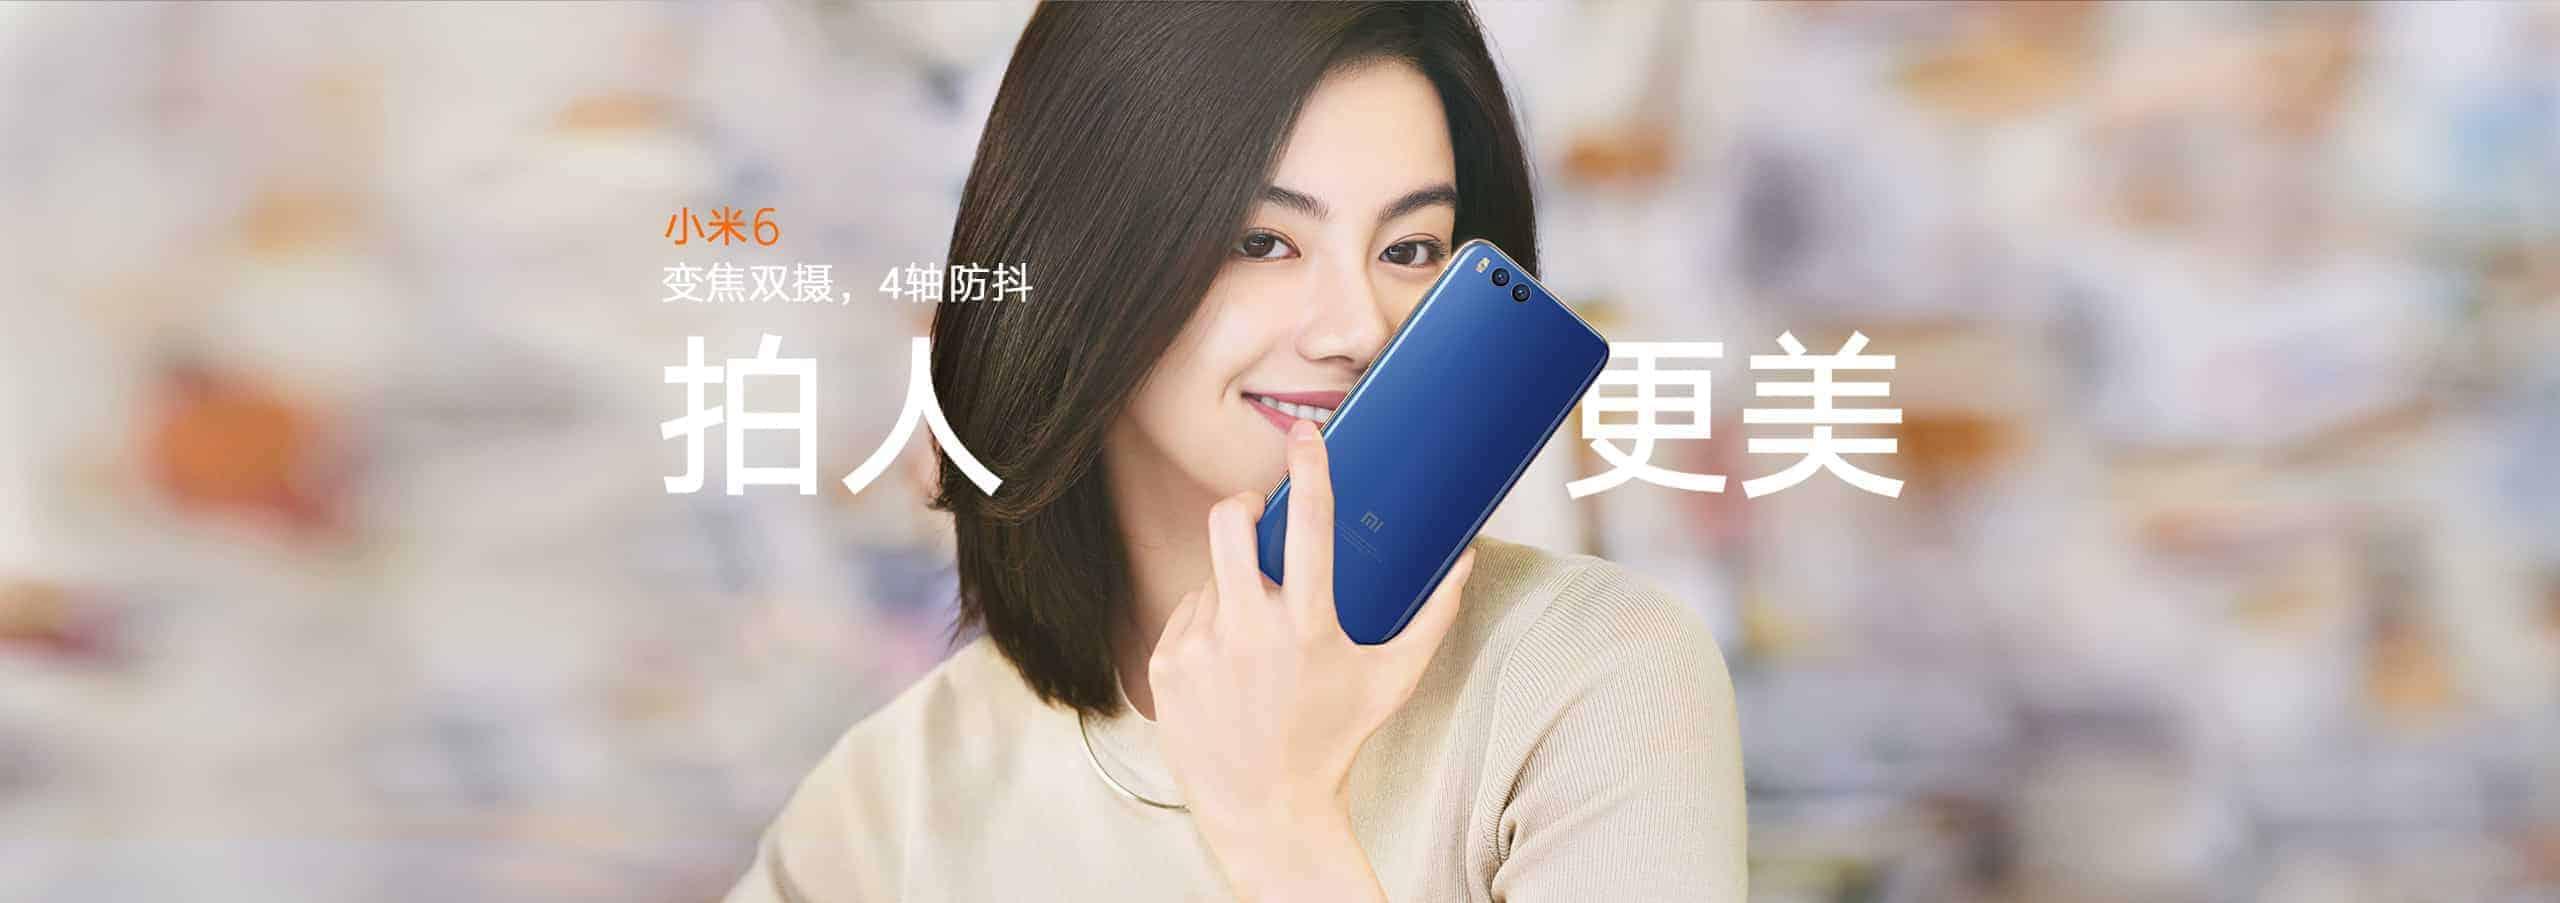 Xiaomi-Mi-6-imagen-oficial-(16)